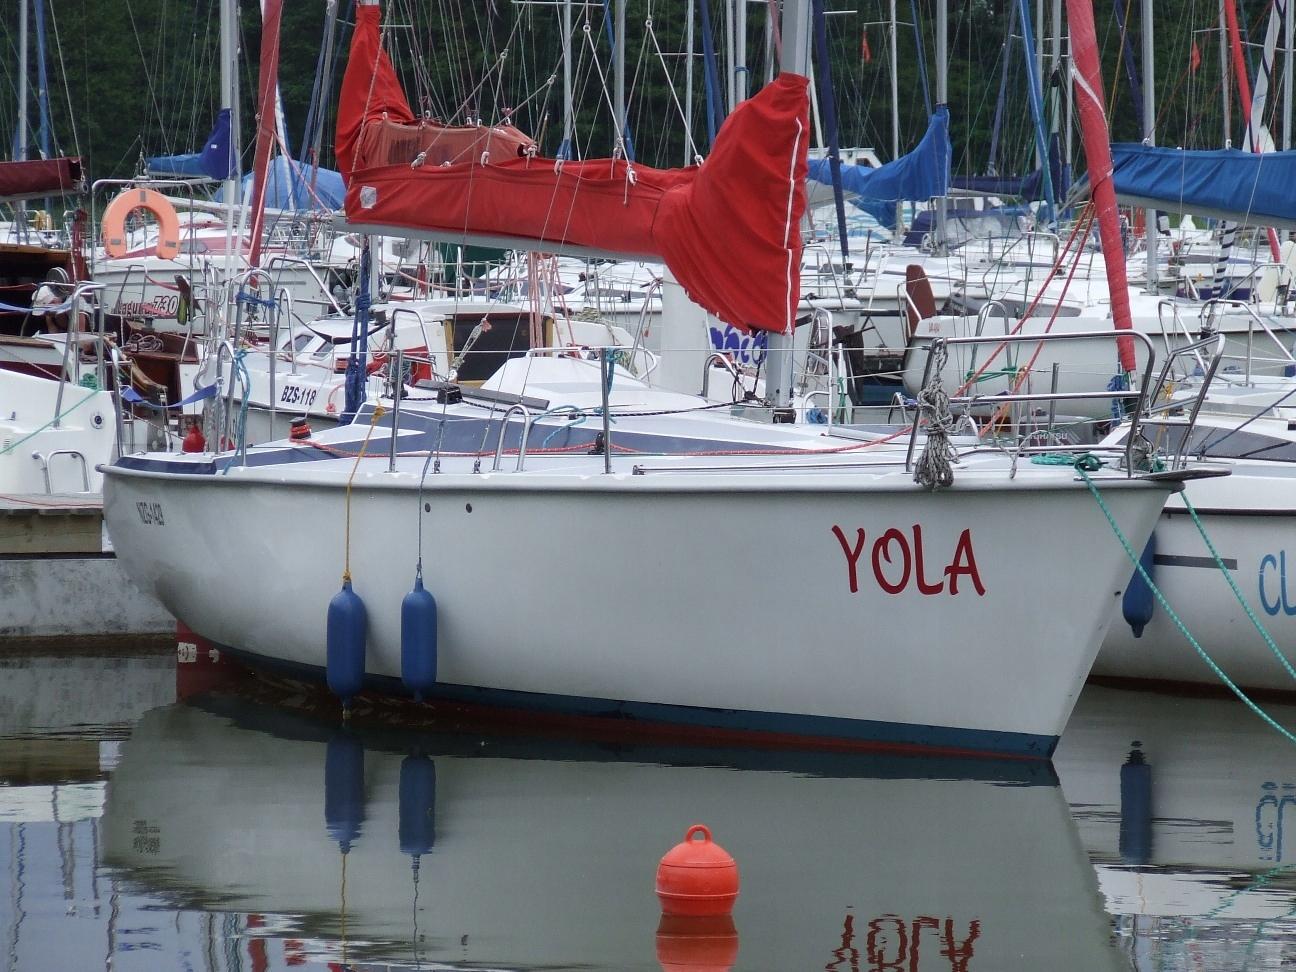 Okazja Tango 780 czarter jachtu na WJM